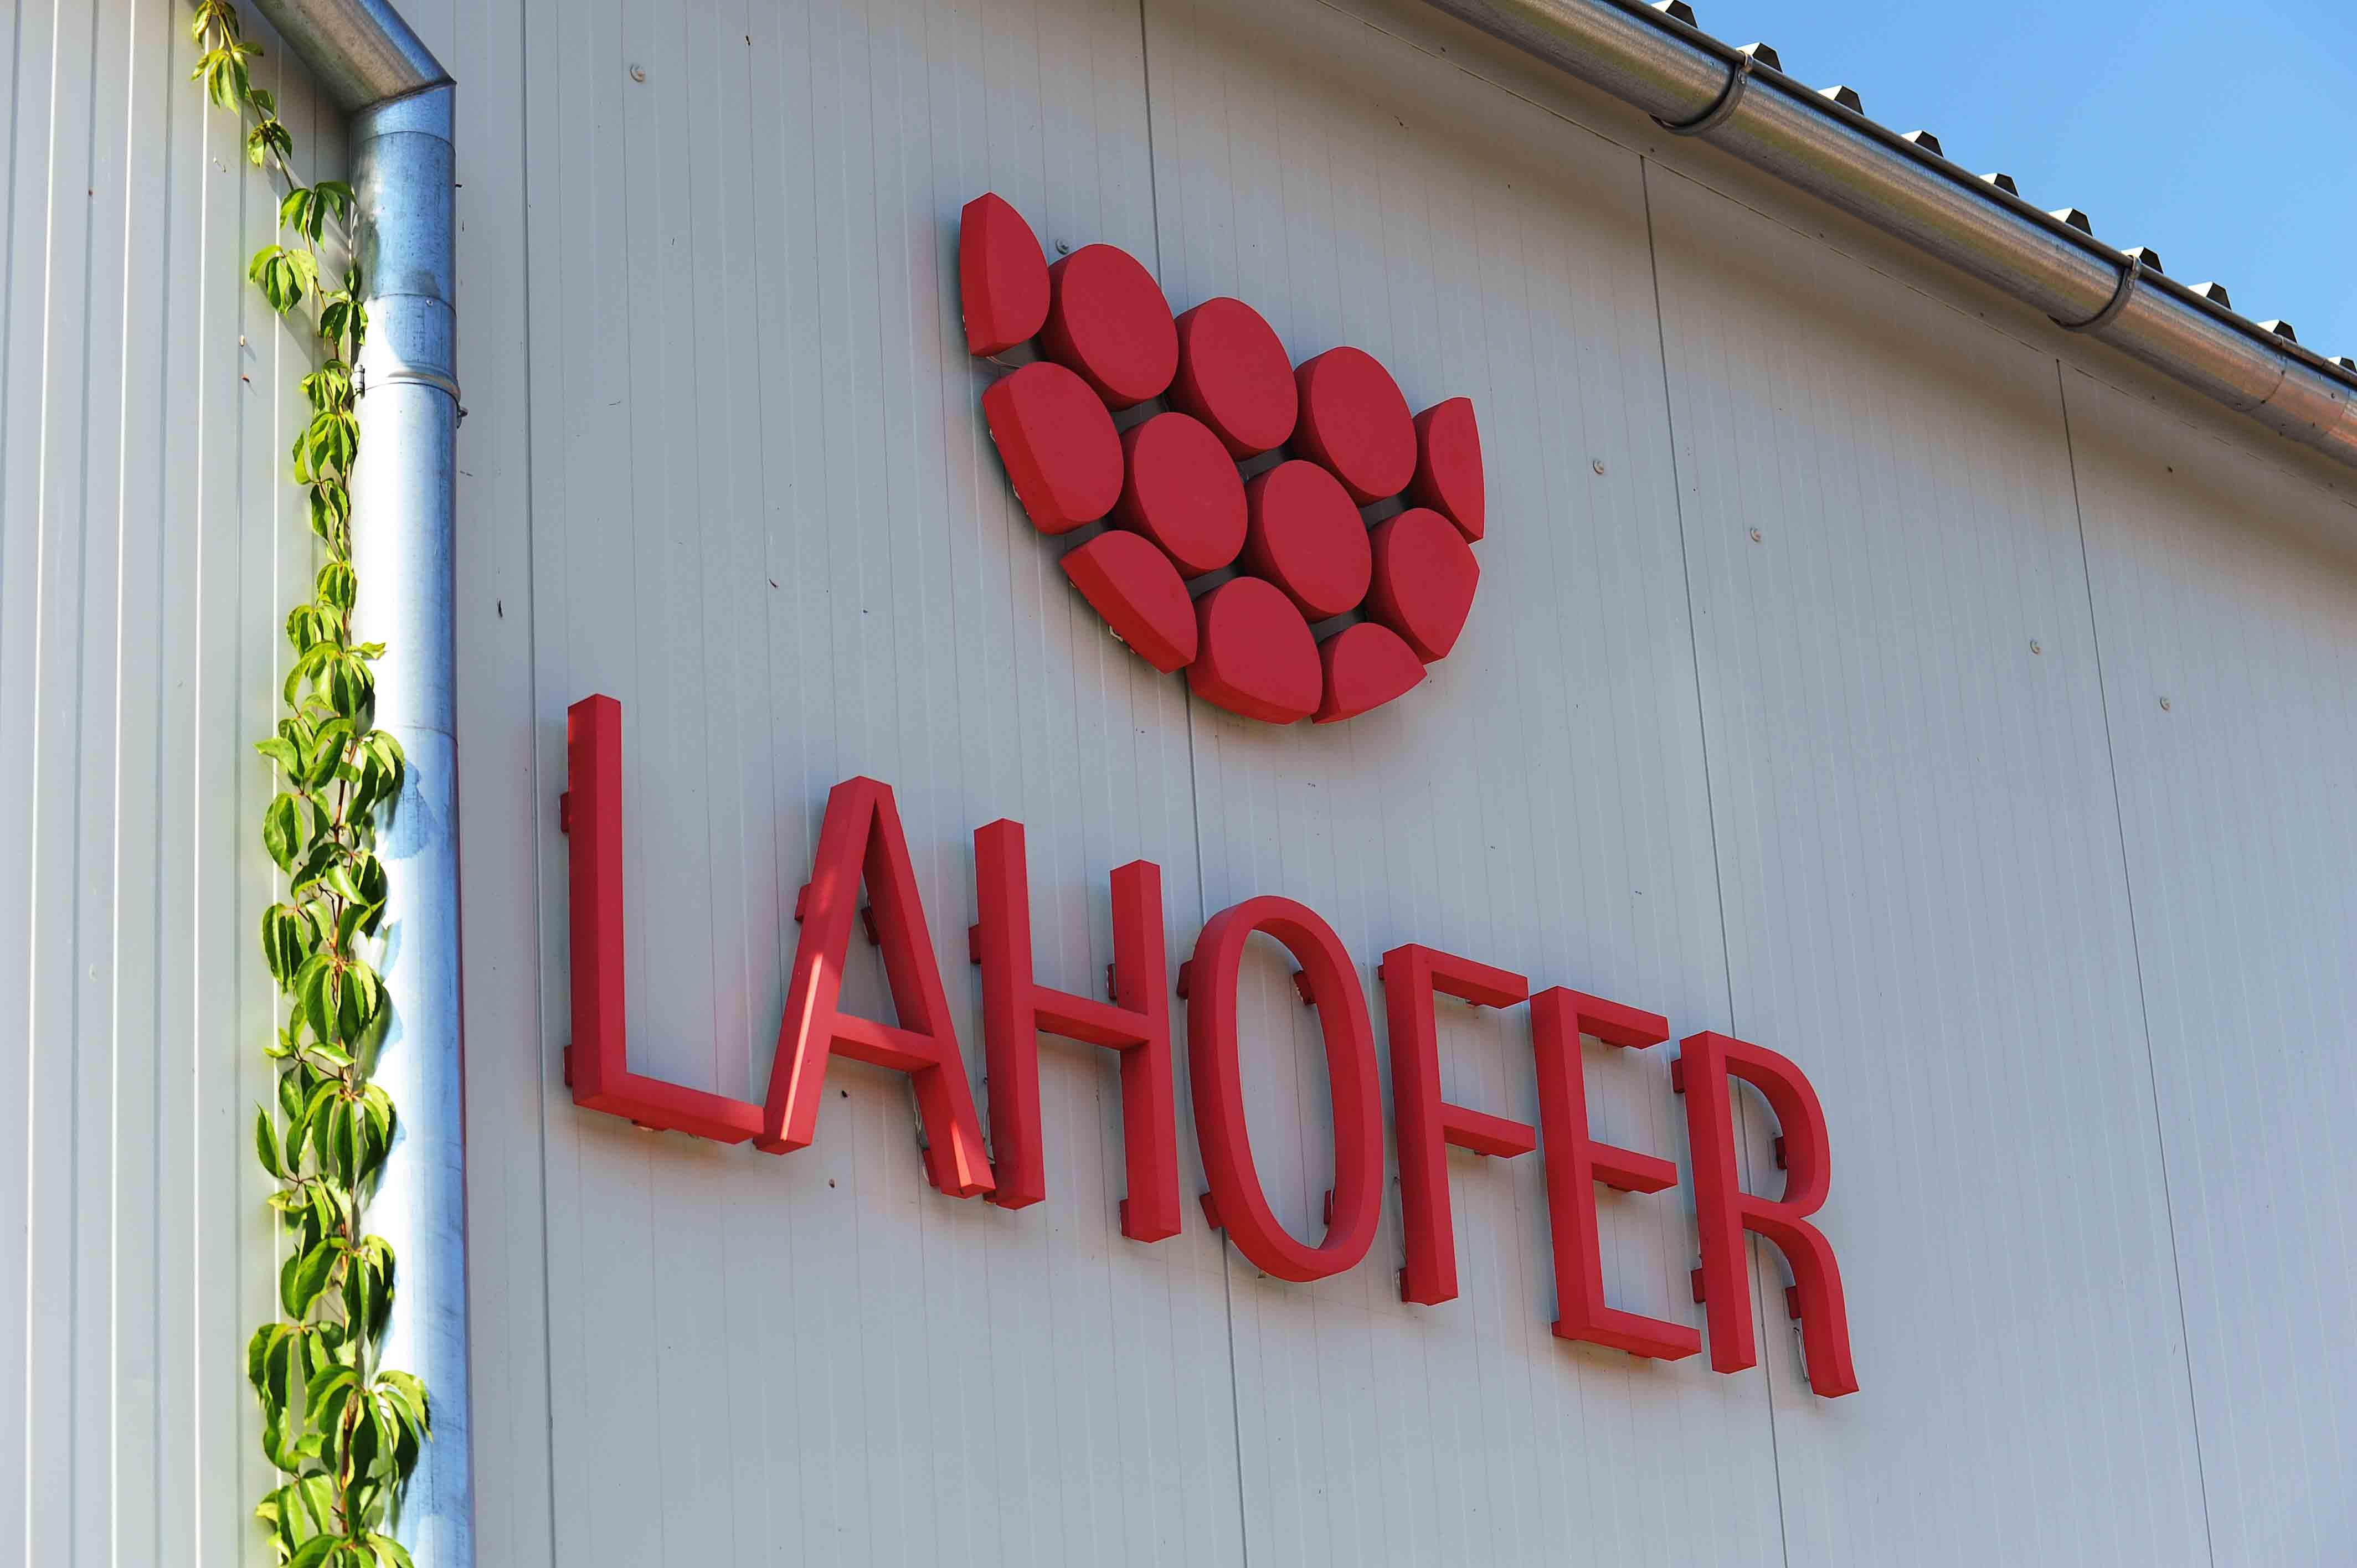 Lahofer logo sklad